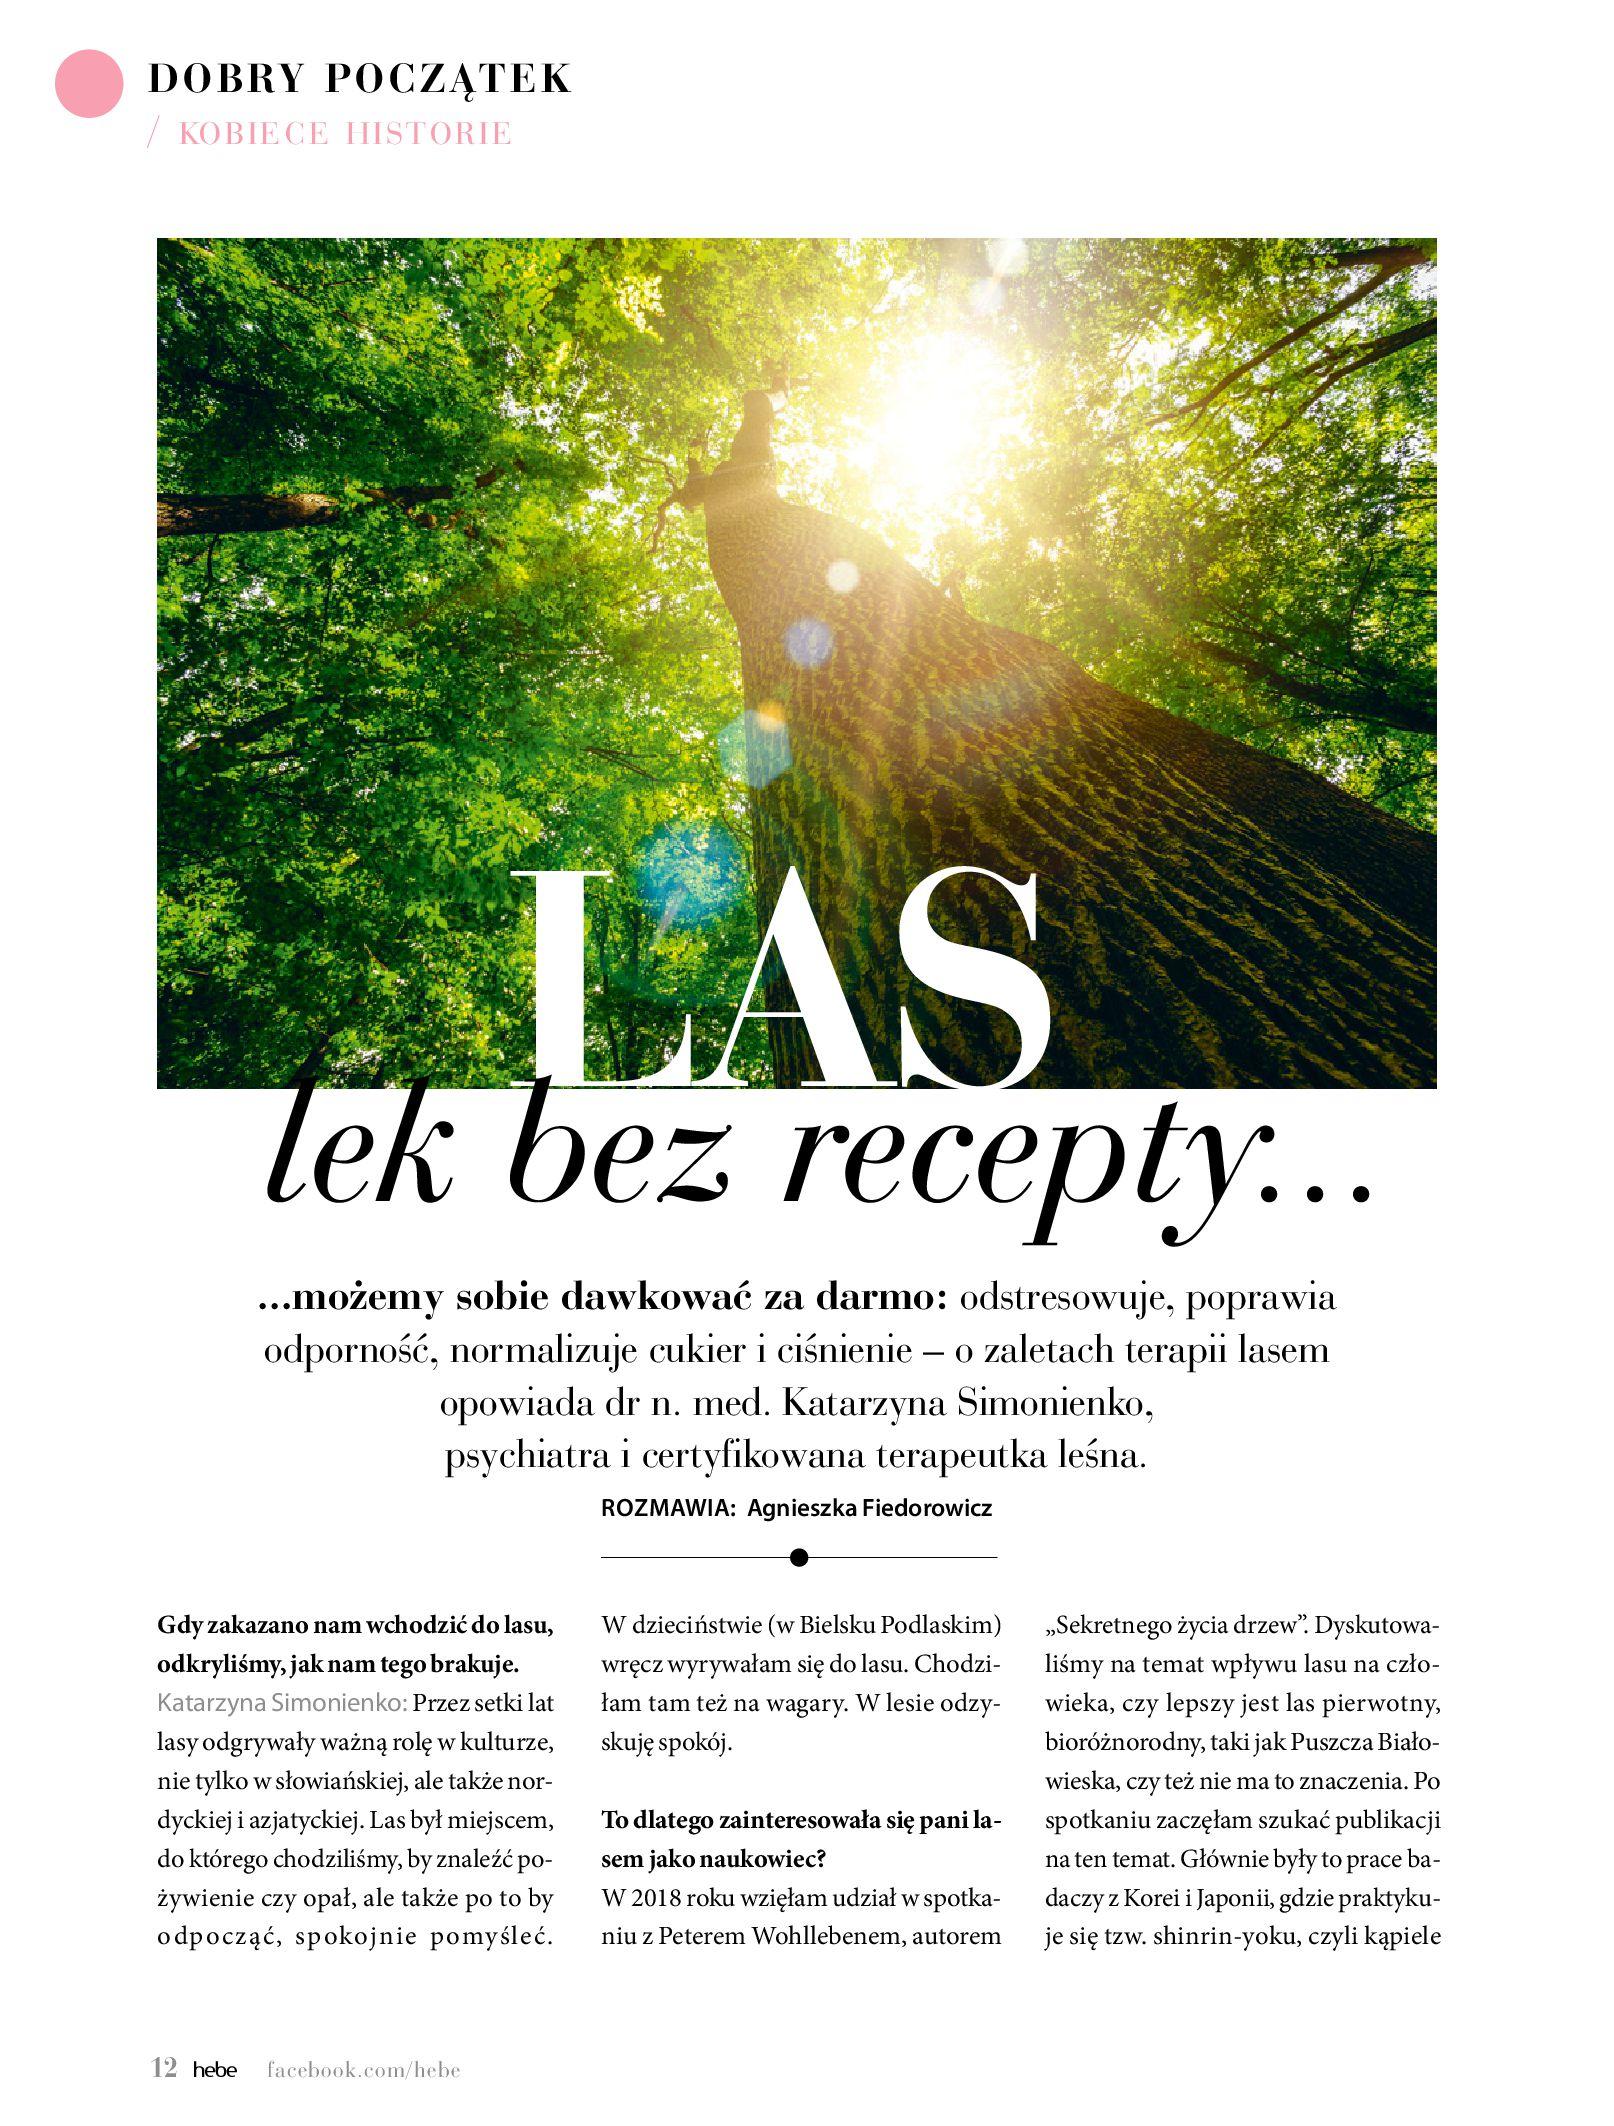 Gazetka hebe - Magazyn Hebe-30.06.2020-31.08.2020-page-12